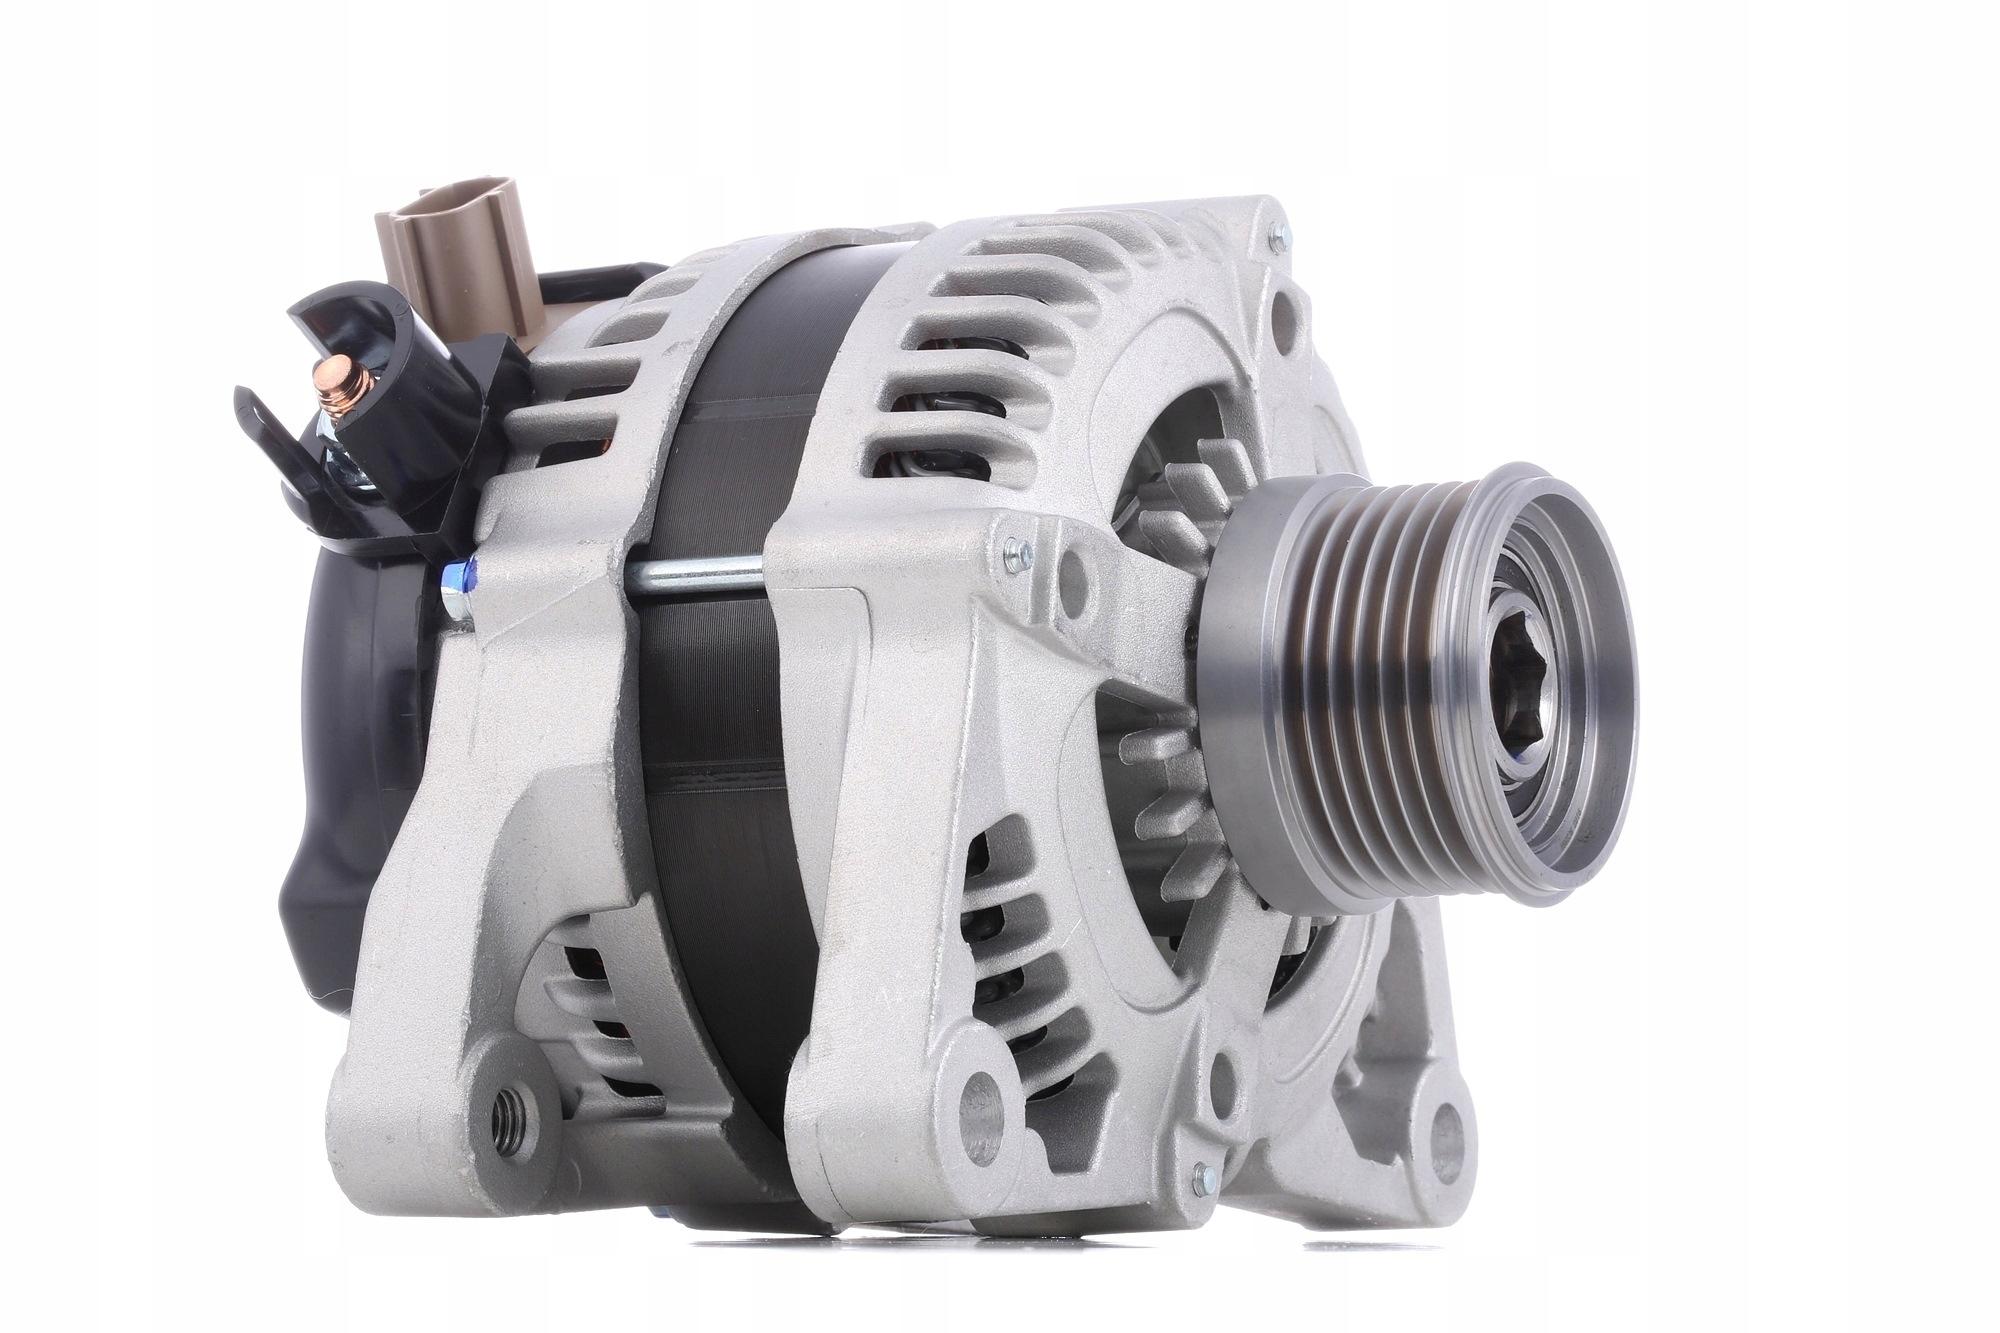 генератор 3m5t10300pd 120a 16-18-20 tdci denso